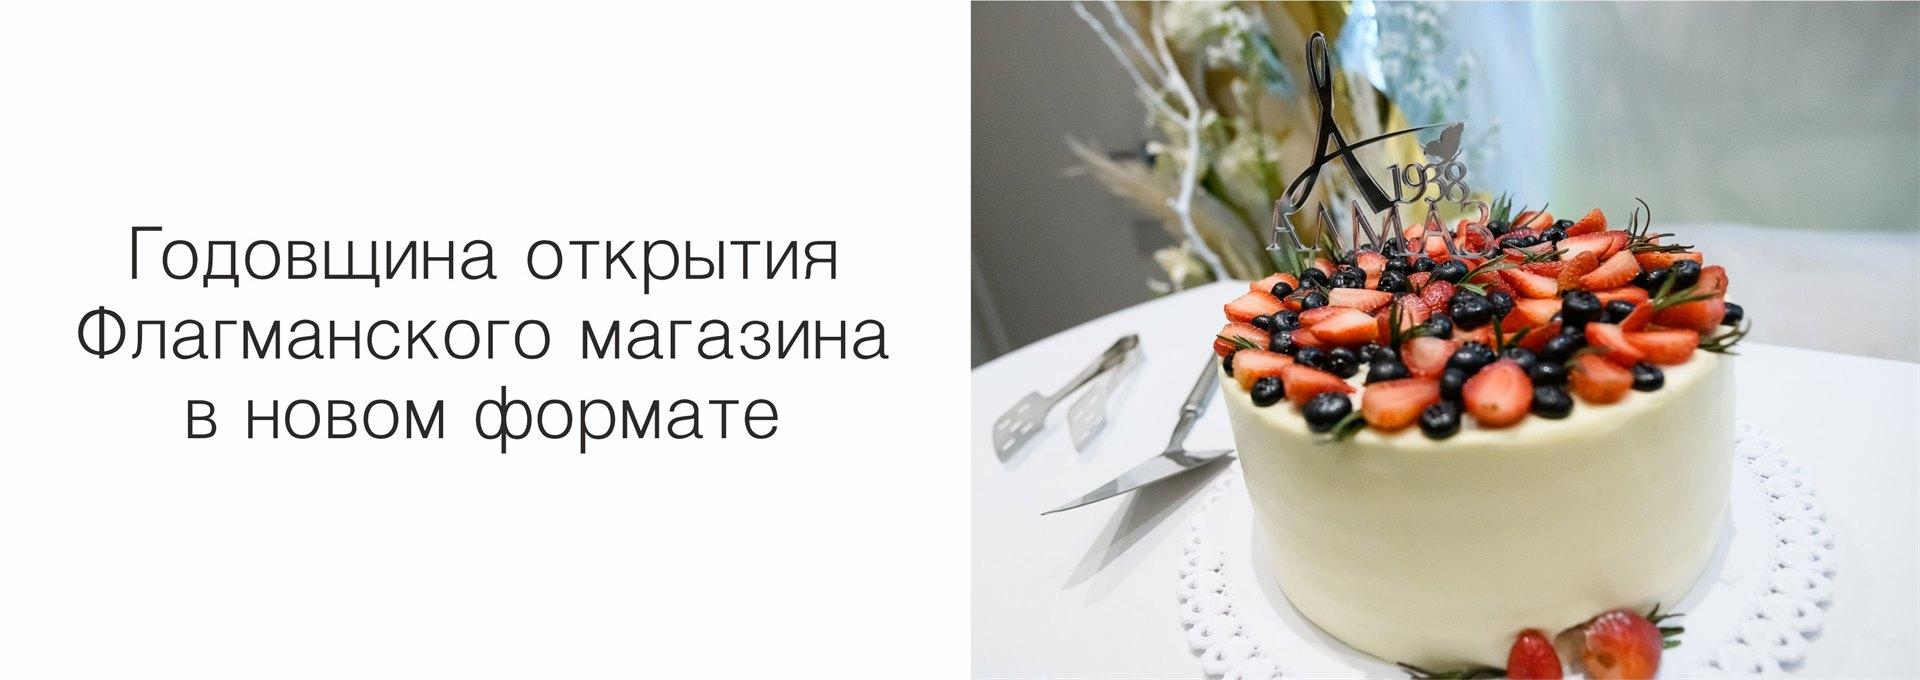 https://www.almazcom.ru/pub/img/QA/projects/ujljdobyf_Akfuvfyf_ghjtnrsn.jpg